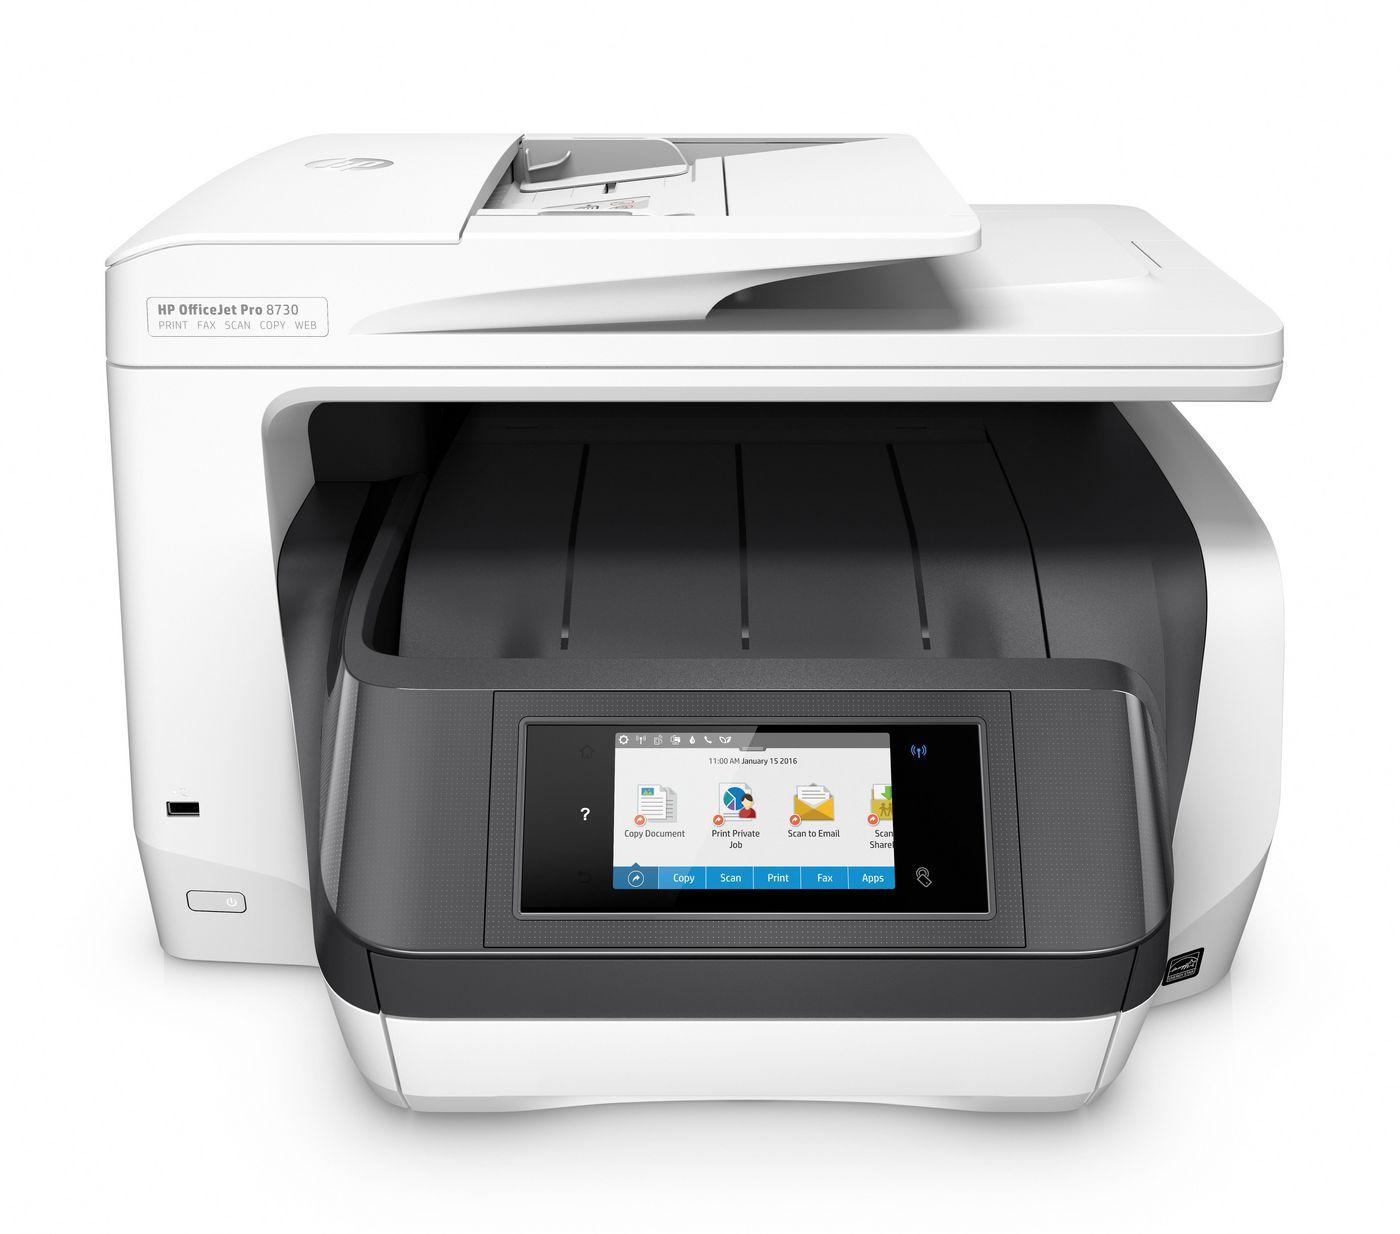 HP OfficeJet Pro 8730 All-in-One